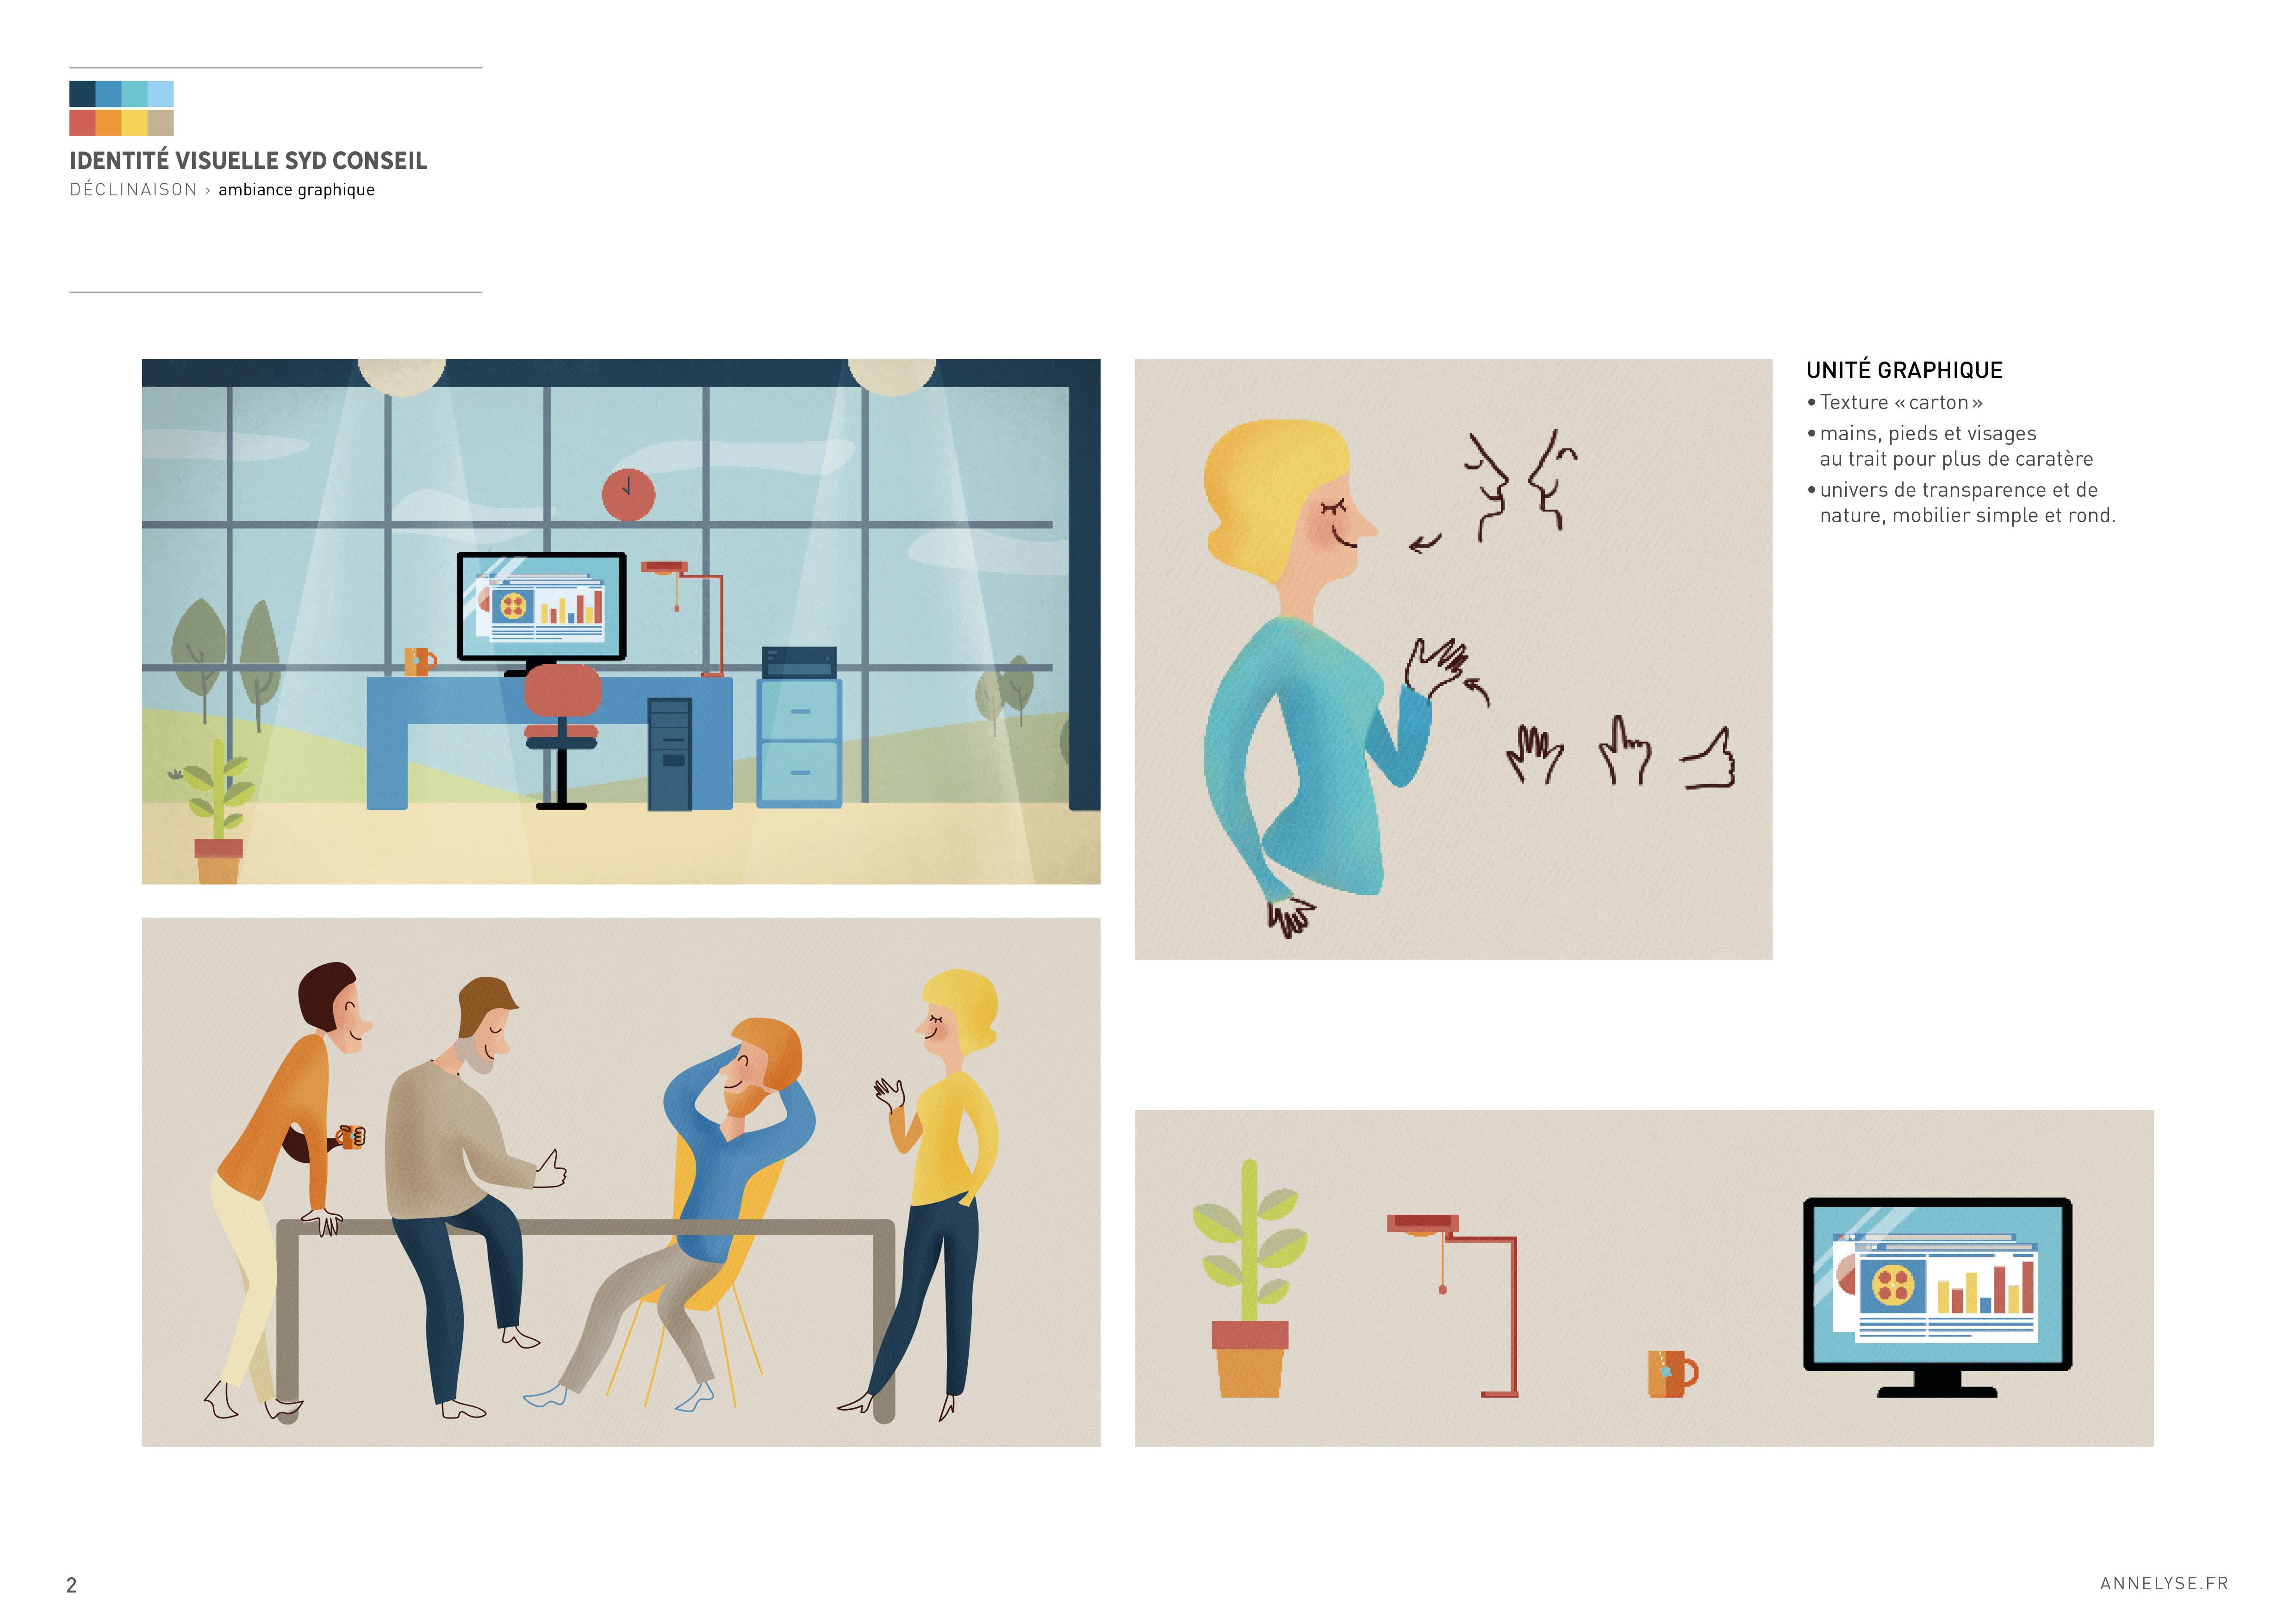 Illustrations pour vidéo animé pour Syd Conseil